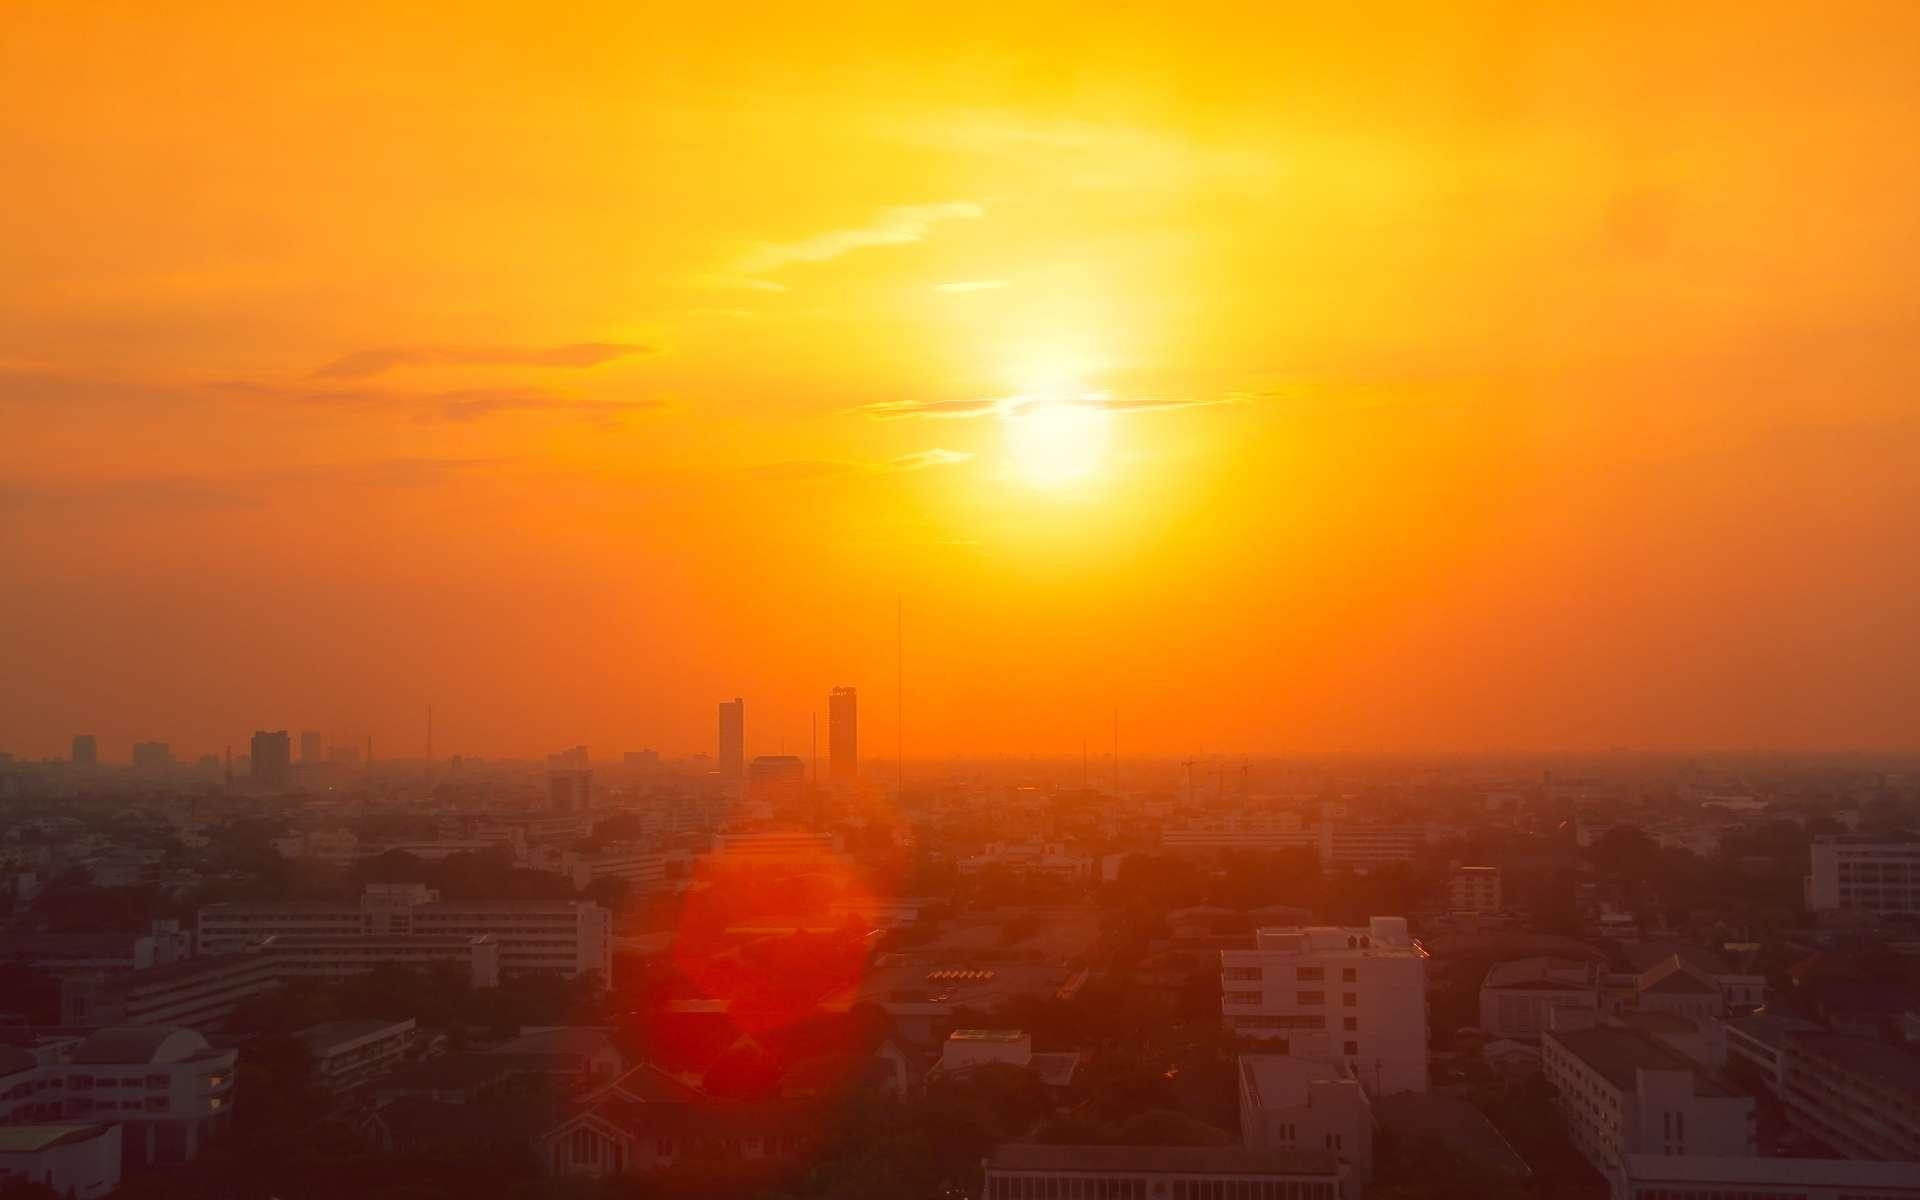 Les vagues de chaleur sont les événements météorologiques extrêmes les plus meurtriers. © Korn V., Adobe Stock